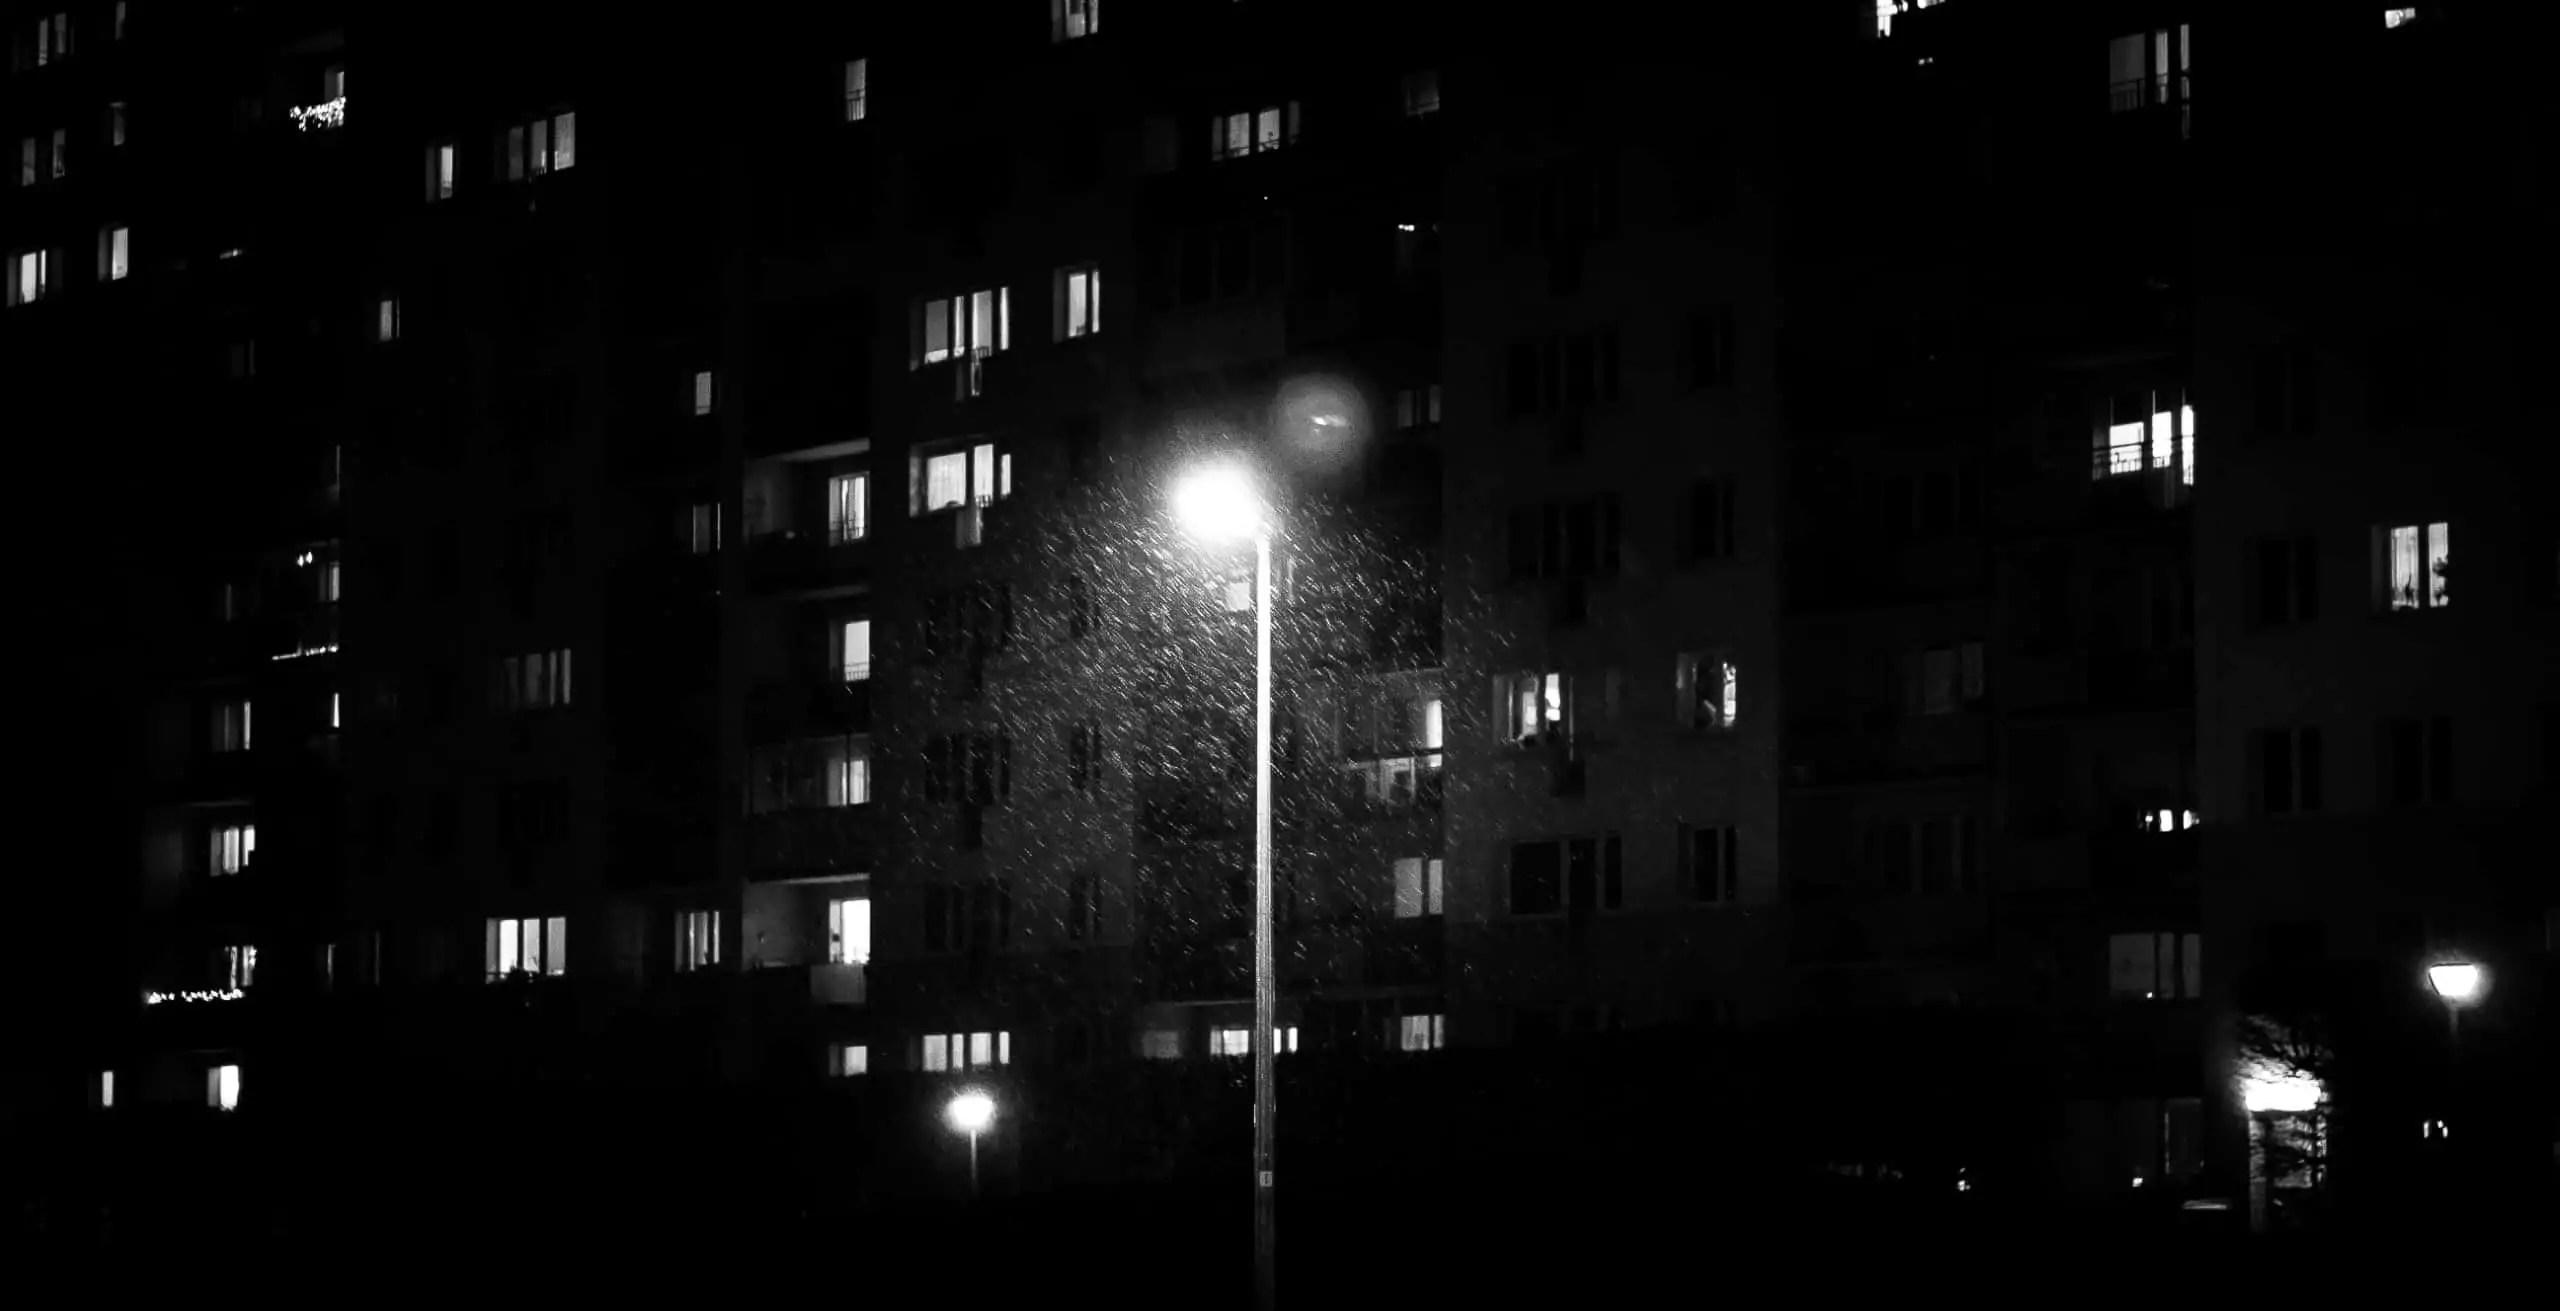 Wyzwanie fotograficzne fotografia uliczna 9 - Fotografie do druku